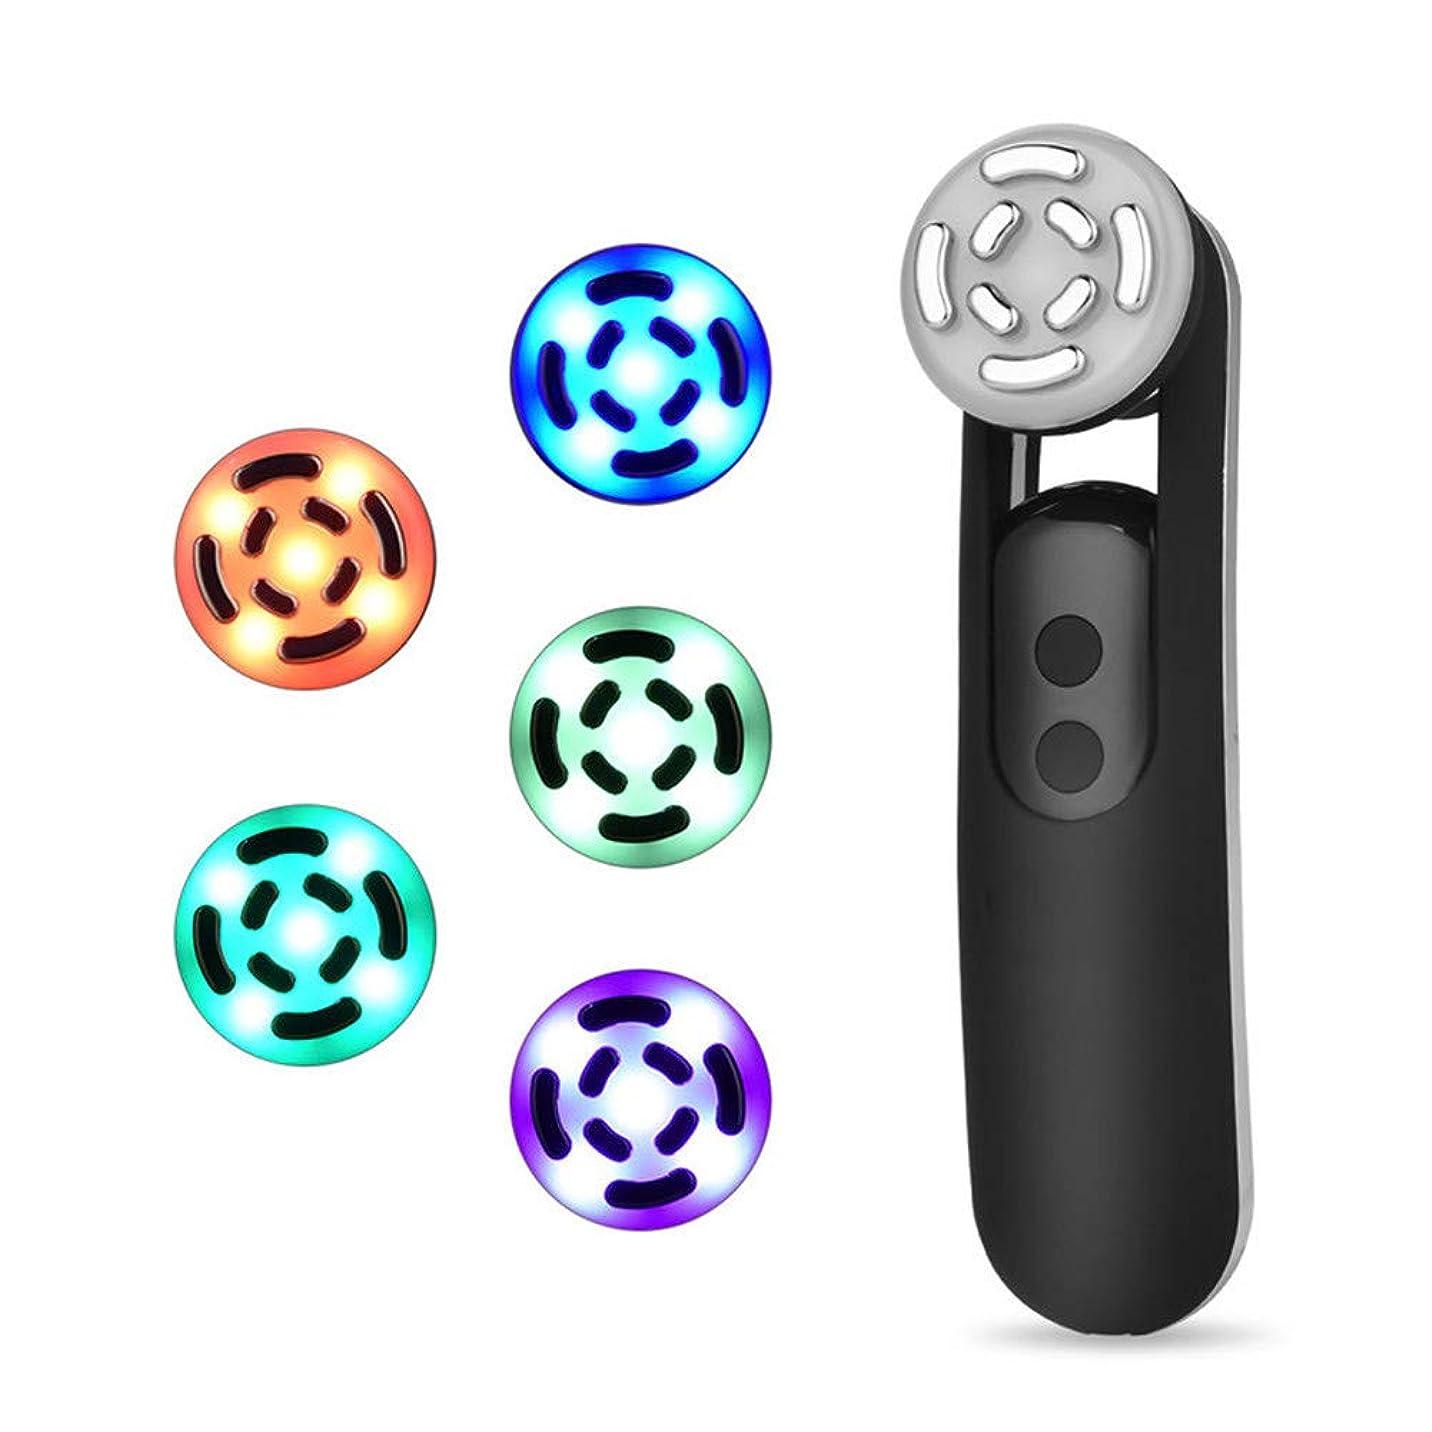 オートメーション差別的燃料フェイシャルマッサージイオンフェイシャルクレンジングアンチエイジングファーミングスキンマイクロショックテクノロジー5色LEDライト若返りしわ美容機器,Black